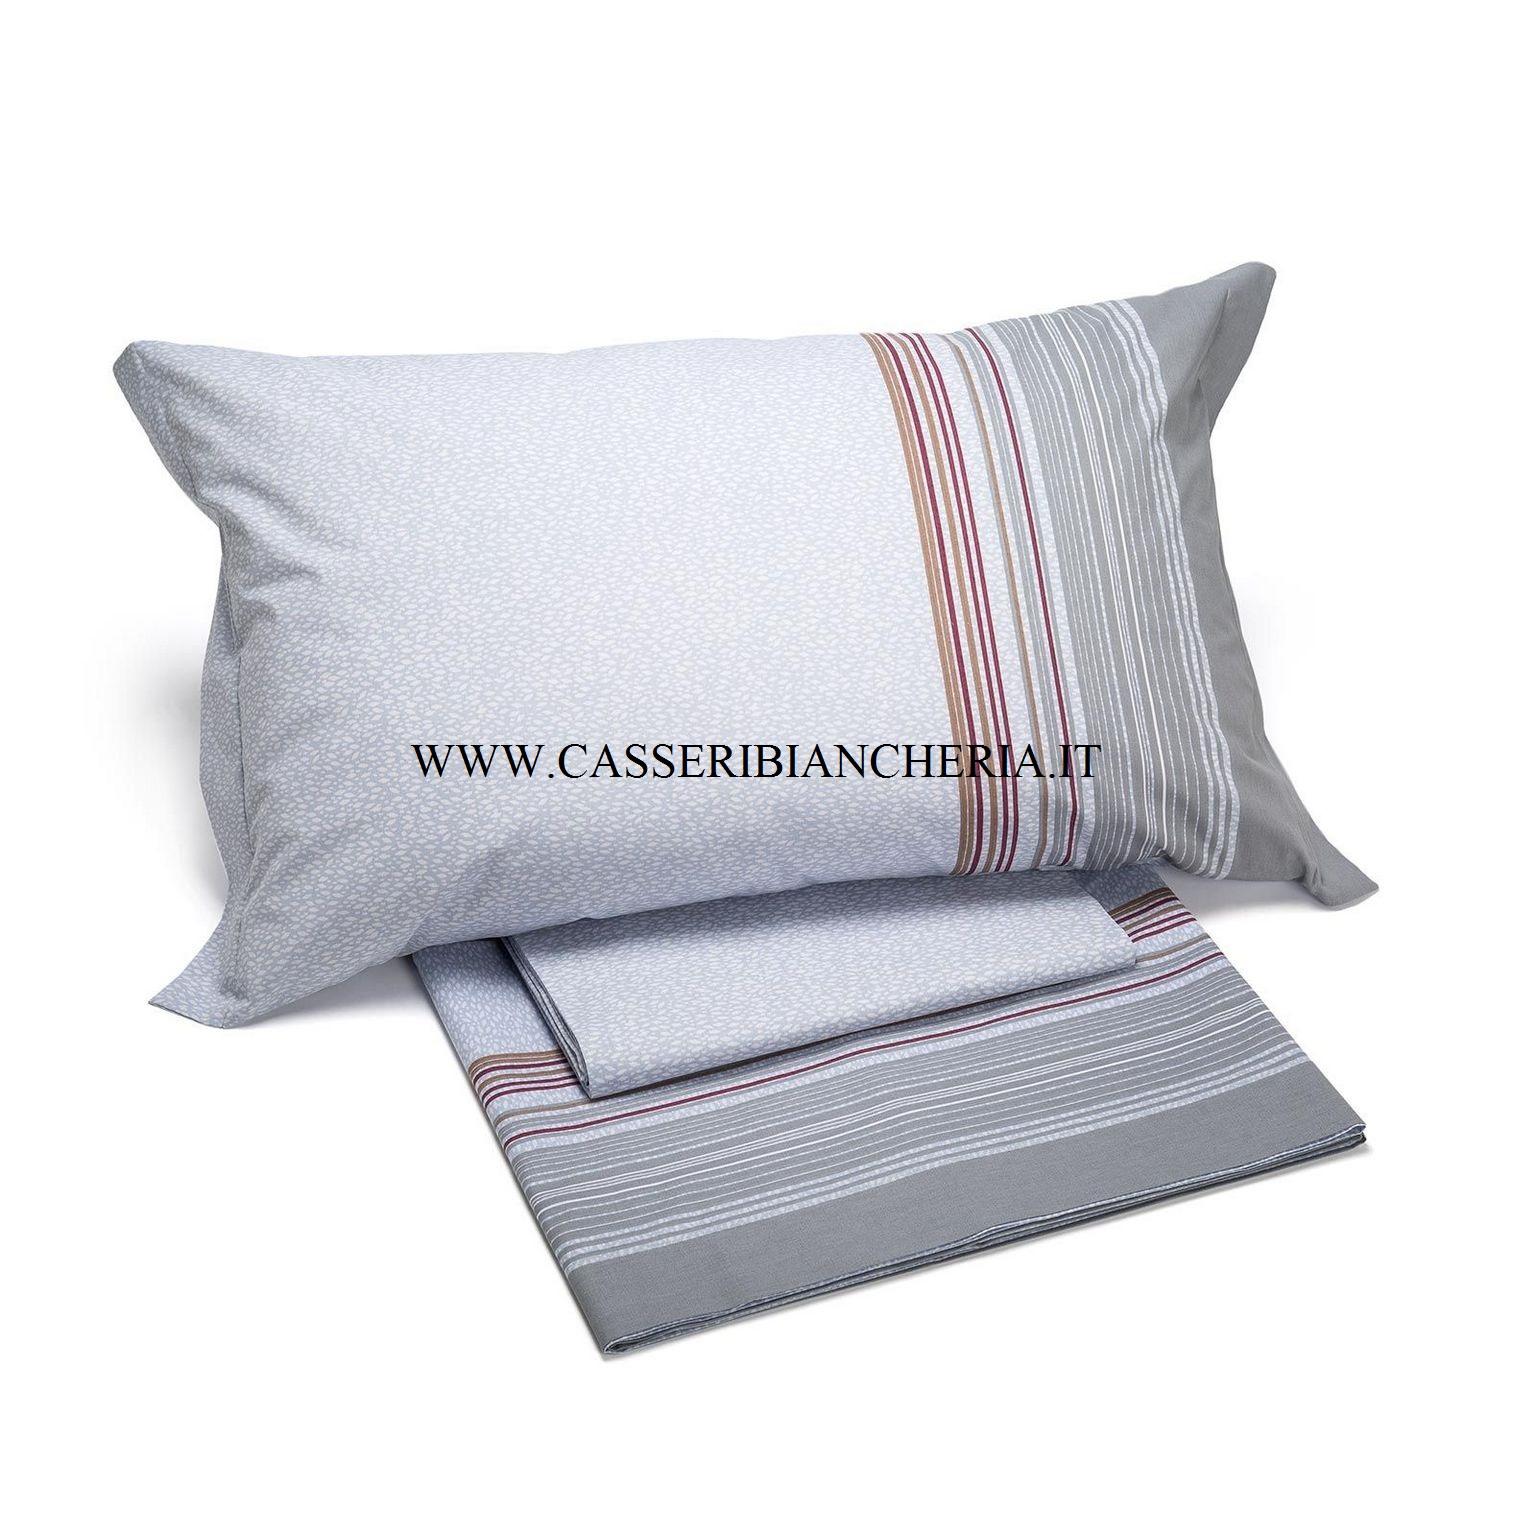 Caleffi completo lenzuola letto singolo 1 piazza atlantico colore grigio casseri biancheria - Completo lenzuola letto singolo ...